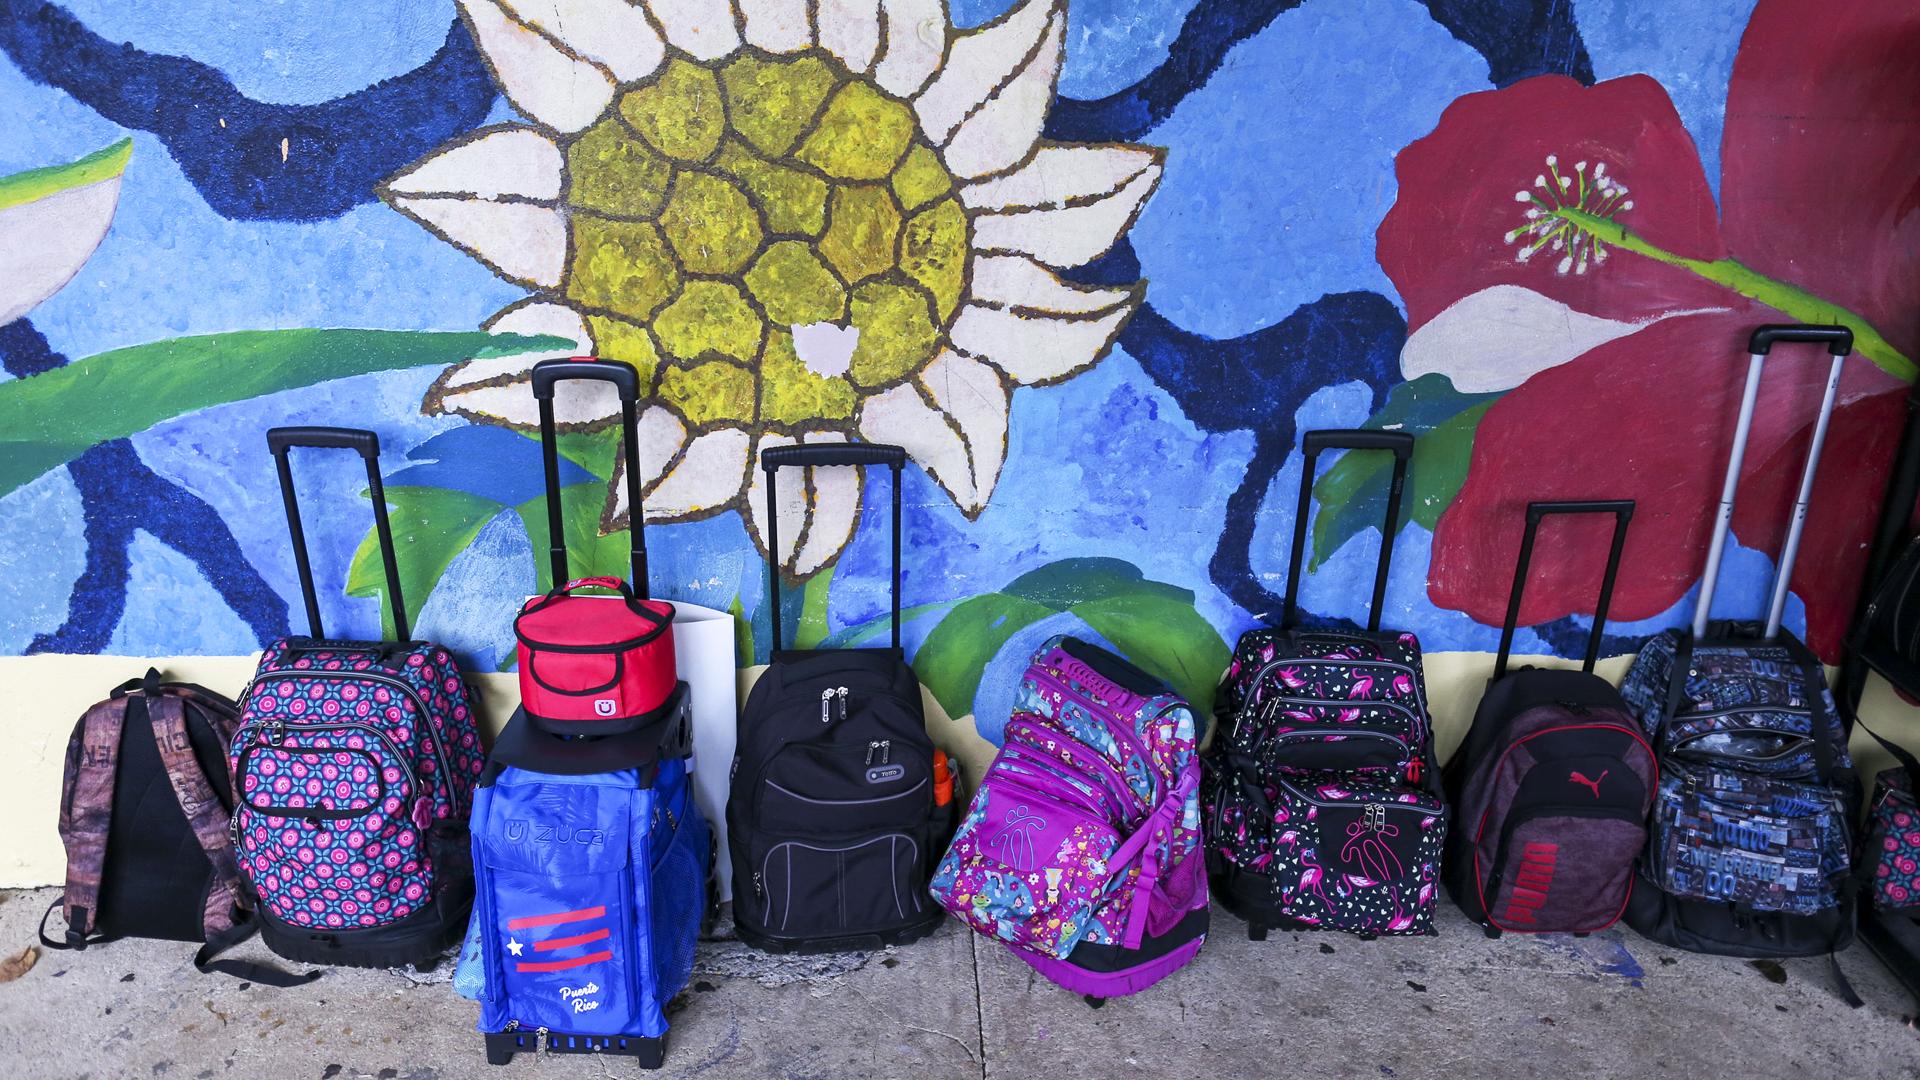 Incertidumbre en las escuelas Montessori